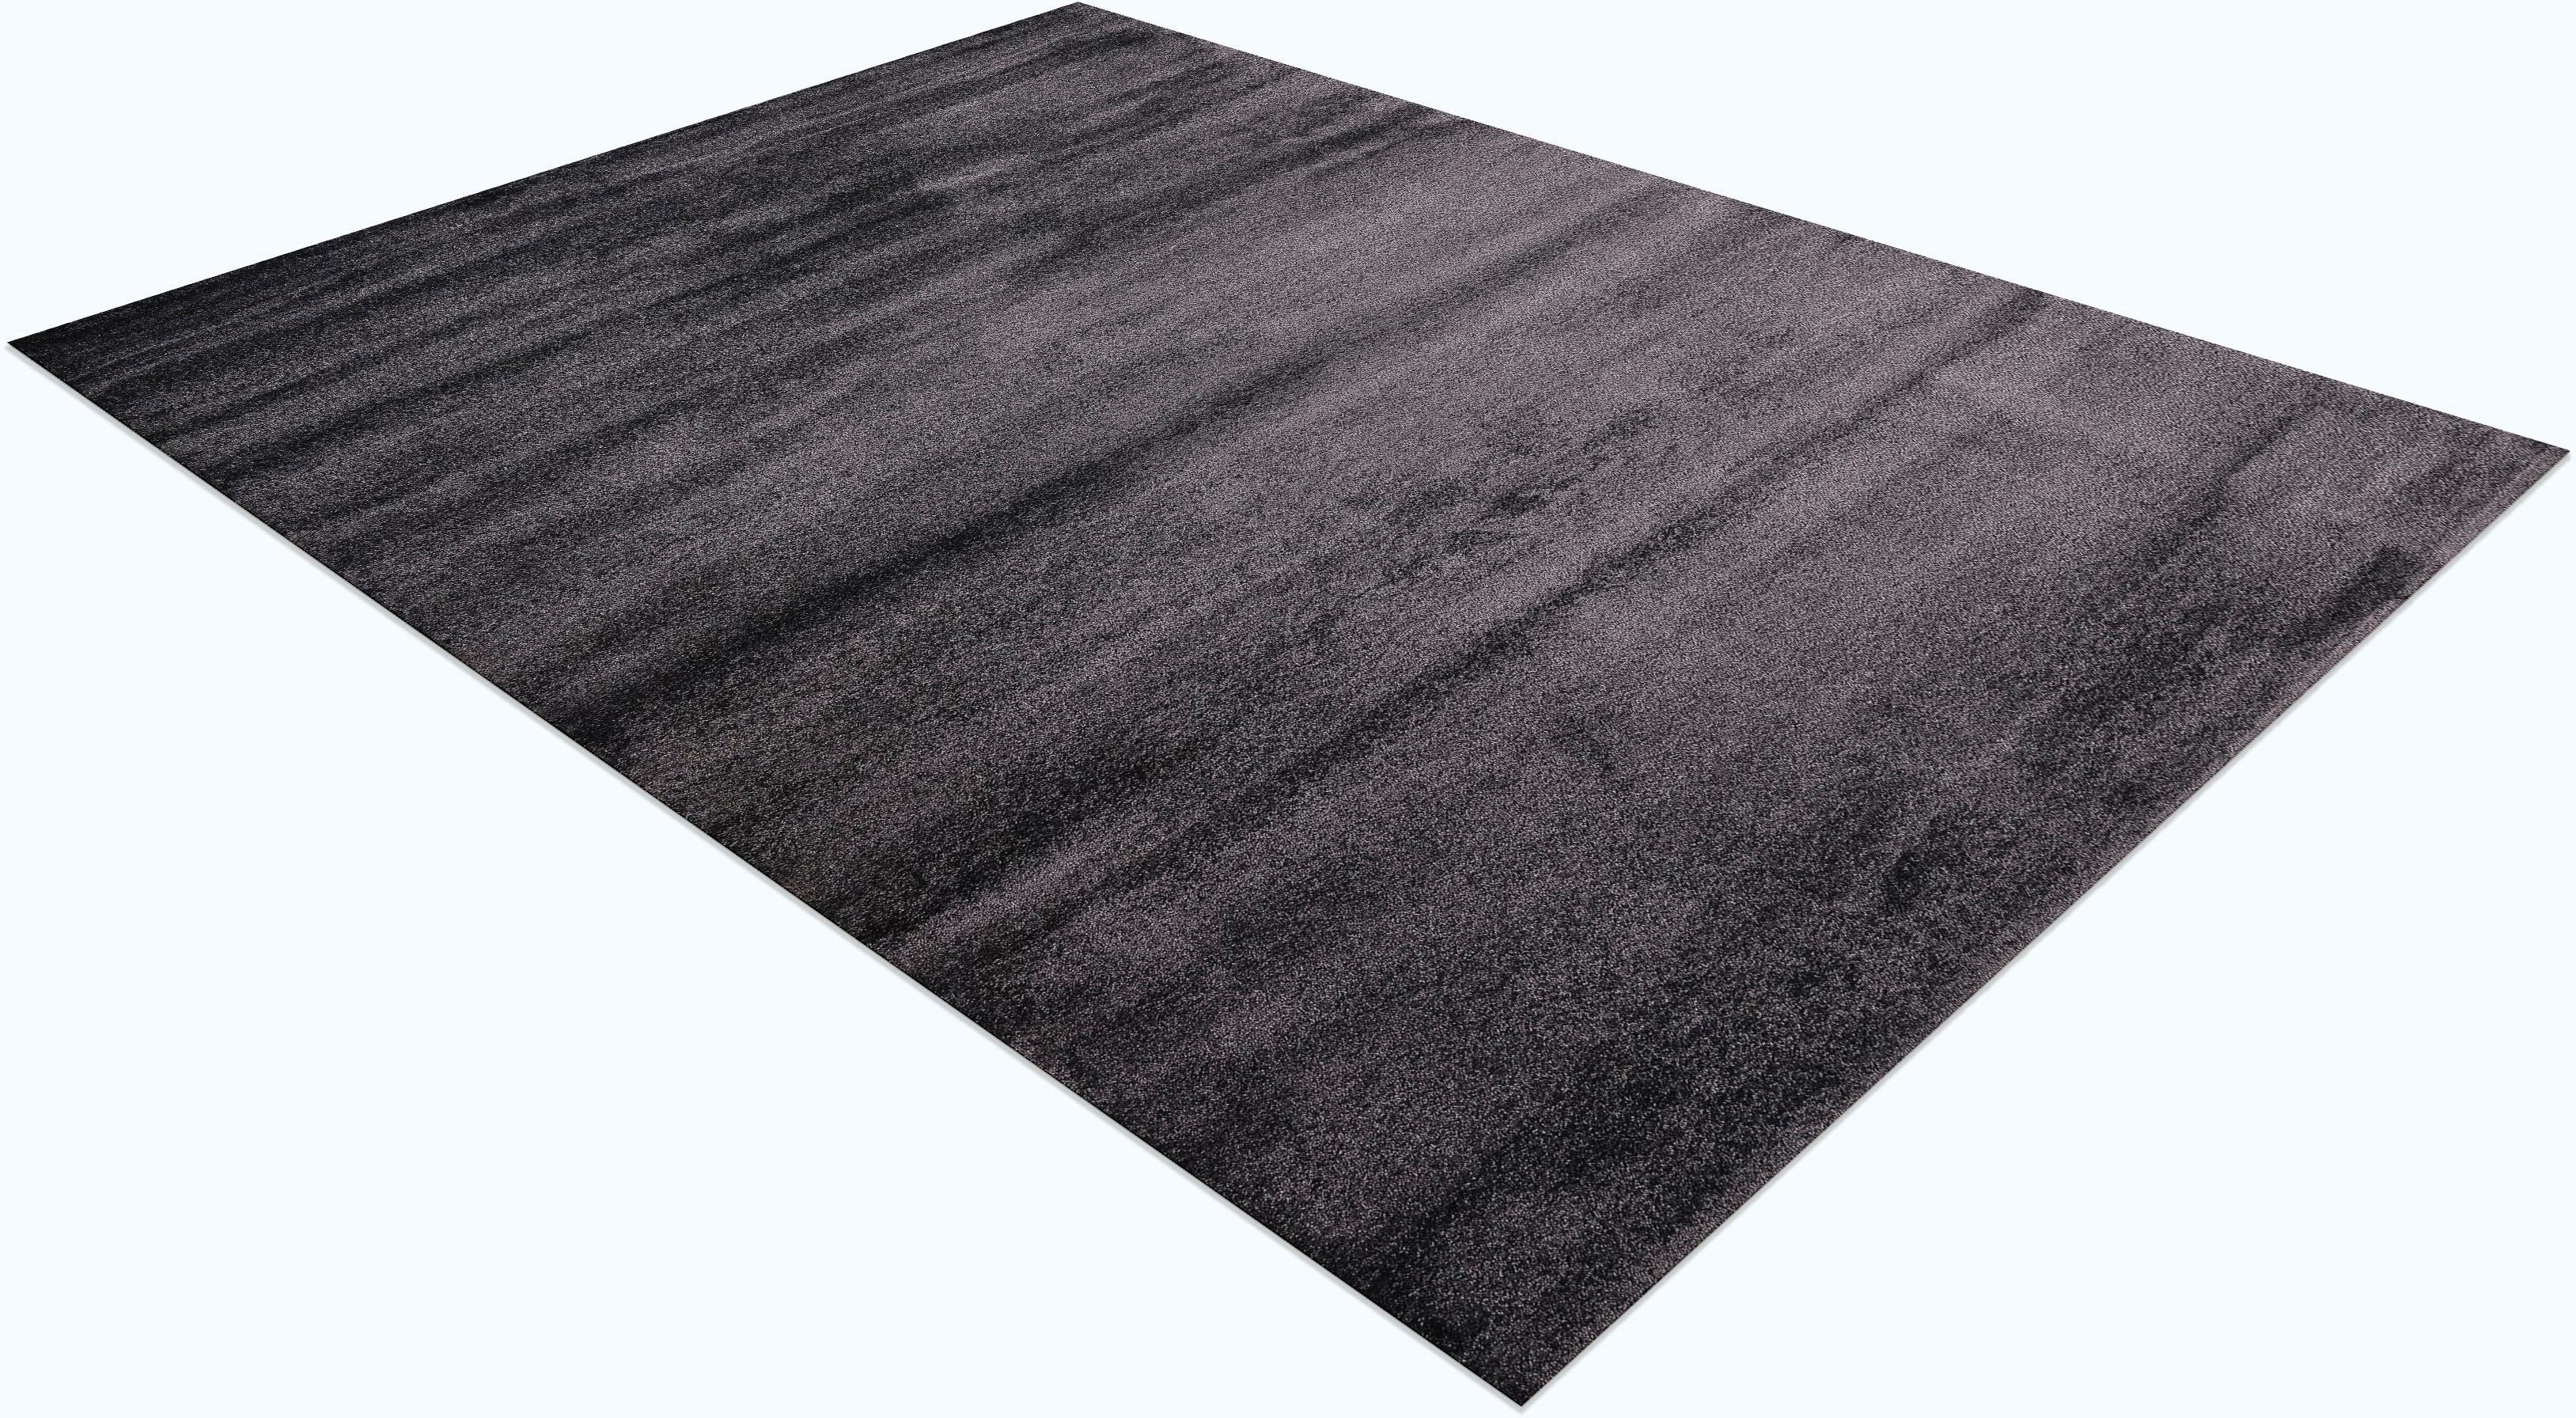 Teppich Enjoy 800 Festival rechteckig Höhe 11 mm maschinell gewebt